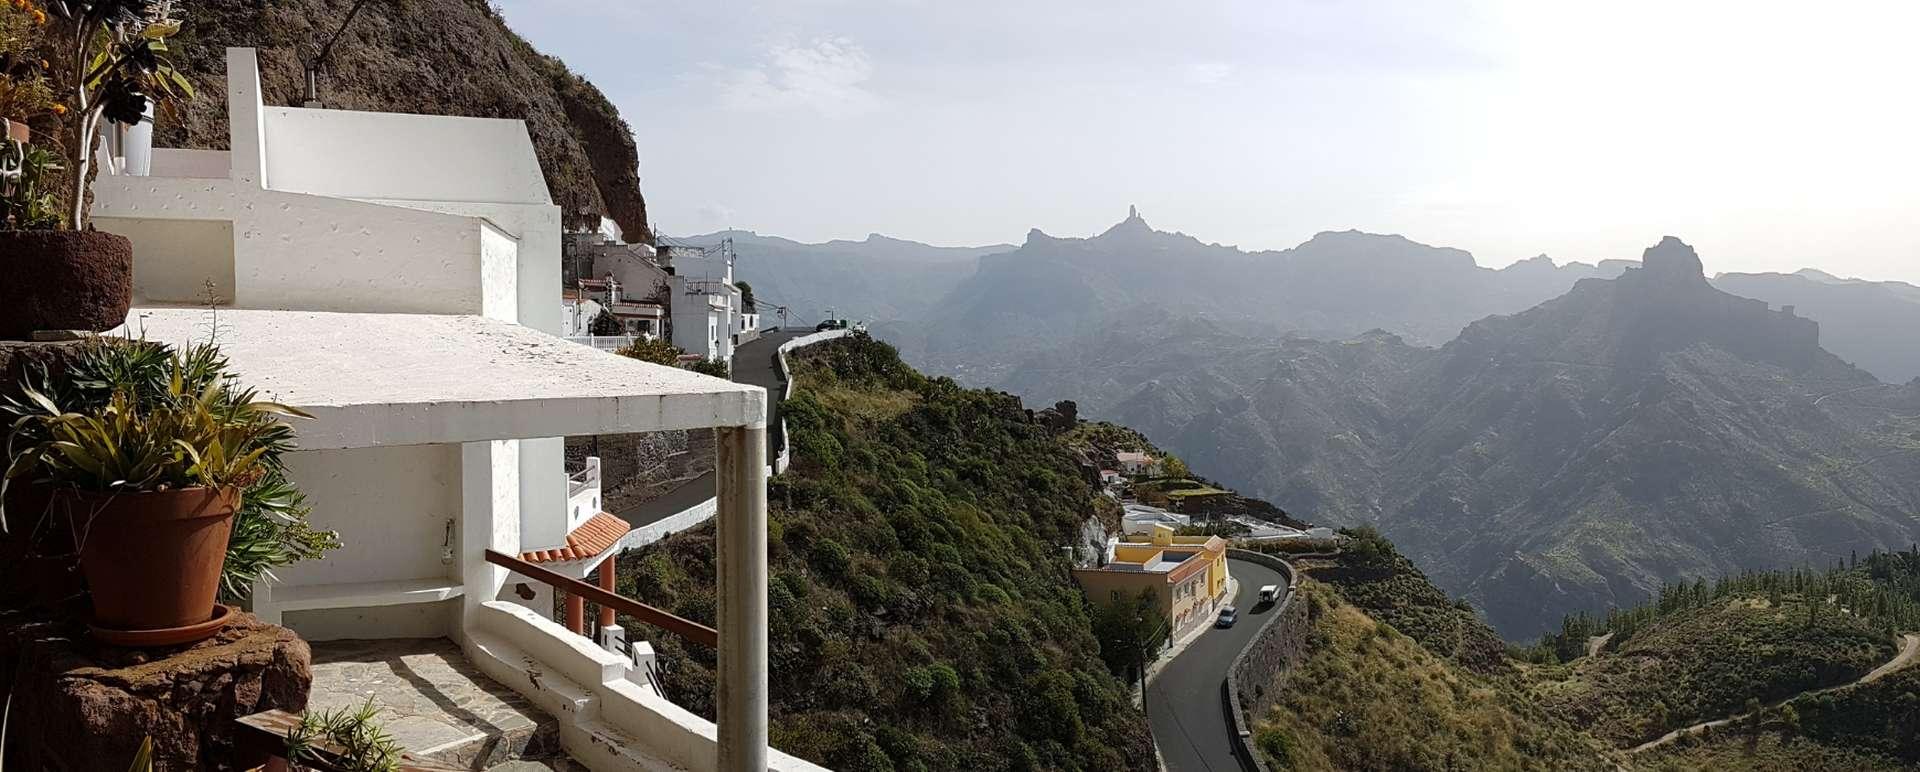 Es gibt Orte, zu denen habe ich eine besondere Beziehung: Gran Canaria, die drittgrößte der Kanarischen Inseln, zählt dazu. Ich kann mich noch gut an meinen ersten Besuch in der Sandkiste im Inselsüden erinnern, an die goldschimmernden Dünen, die wie Meereswellen gegen das Land branden und vom Passatwind mit der Beständigkeit eines Schweizer Uhrwerks immer neu gekrümmt, gefaltet und geprägt werden, an die Herden von Nackedeis, die sich in abgelegenen Winkeln sonnen. Mein erster Besuch: Er liegt viele Jahre zurück, als die meisten Deutschen noch mit dem VW Käfer Richtung Adria düsten und Flüge so unbeschreiblich teuer waren, dass kaum ein Normalverdiener auch nur einen Gedanken an diesen Luxus verschwendete. Womöglich wäre auch ich auf dem Boden geblieben, wenn mir meine Eltern diese Schwelgerei nicht zu meinem Abitur spendiert hätten. Viele Erinnerungen habe ich nicht an jenen Aufenthalt auf Europas Außenposten vor der Küste Afrikas. Wie auch! Mit 18 – und ich erlaube mir für viele Altersgenossen zu sprechen – stand einem damals nicht unbedingt nach Wanderungen oder Radtouren der Sinn: Die landschaftlichen Schönheiten der Insel waren eher etwas für die Busladungen betagter Touristen, die mal etwas Abwechslung zum Strandleben brauchten. Was Gran Canaria für mich so besonders machte: die endlosen Strände, das tiefblaue Meer, das auch im November noch angenehm warm war, die Sonne, die keine Pausen zu kennen schien, nicht zuletzt die Diskotheken, die einem Landei wie eine Offenbarung erschienen. Die nächtlichen Tanzmarathons hatten natürlich ihren Preis: Tagsüber lag der Teutonen-Export am Stand, um mit kaffeebrauner Hautfarbe missgünstige Bekannte neidisch zu machen. Abends schwirrte er in die Dunkelhöllen ab, wo sich halb Europa ein Stelldichein gab. Um es kurz zu machen: Dass Gran Canaria mit Las Palmas eine Hauptstadt besitzt, in der man mehr Zeit als nur einen Nachmittag verbringen kann, dass das Inselinnere berückend schön und der Norden Bilder einer wilden Atlant